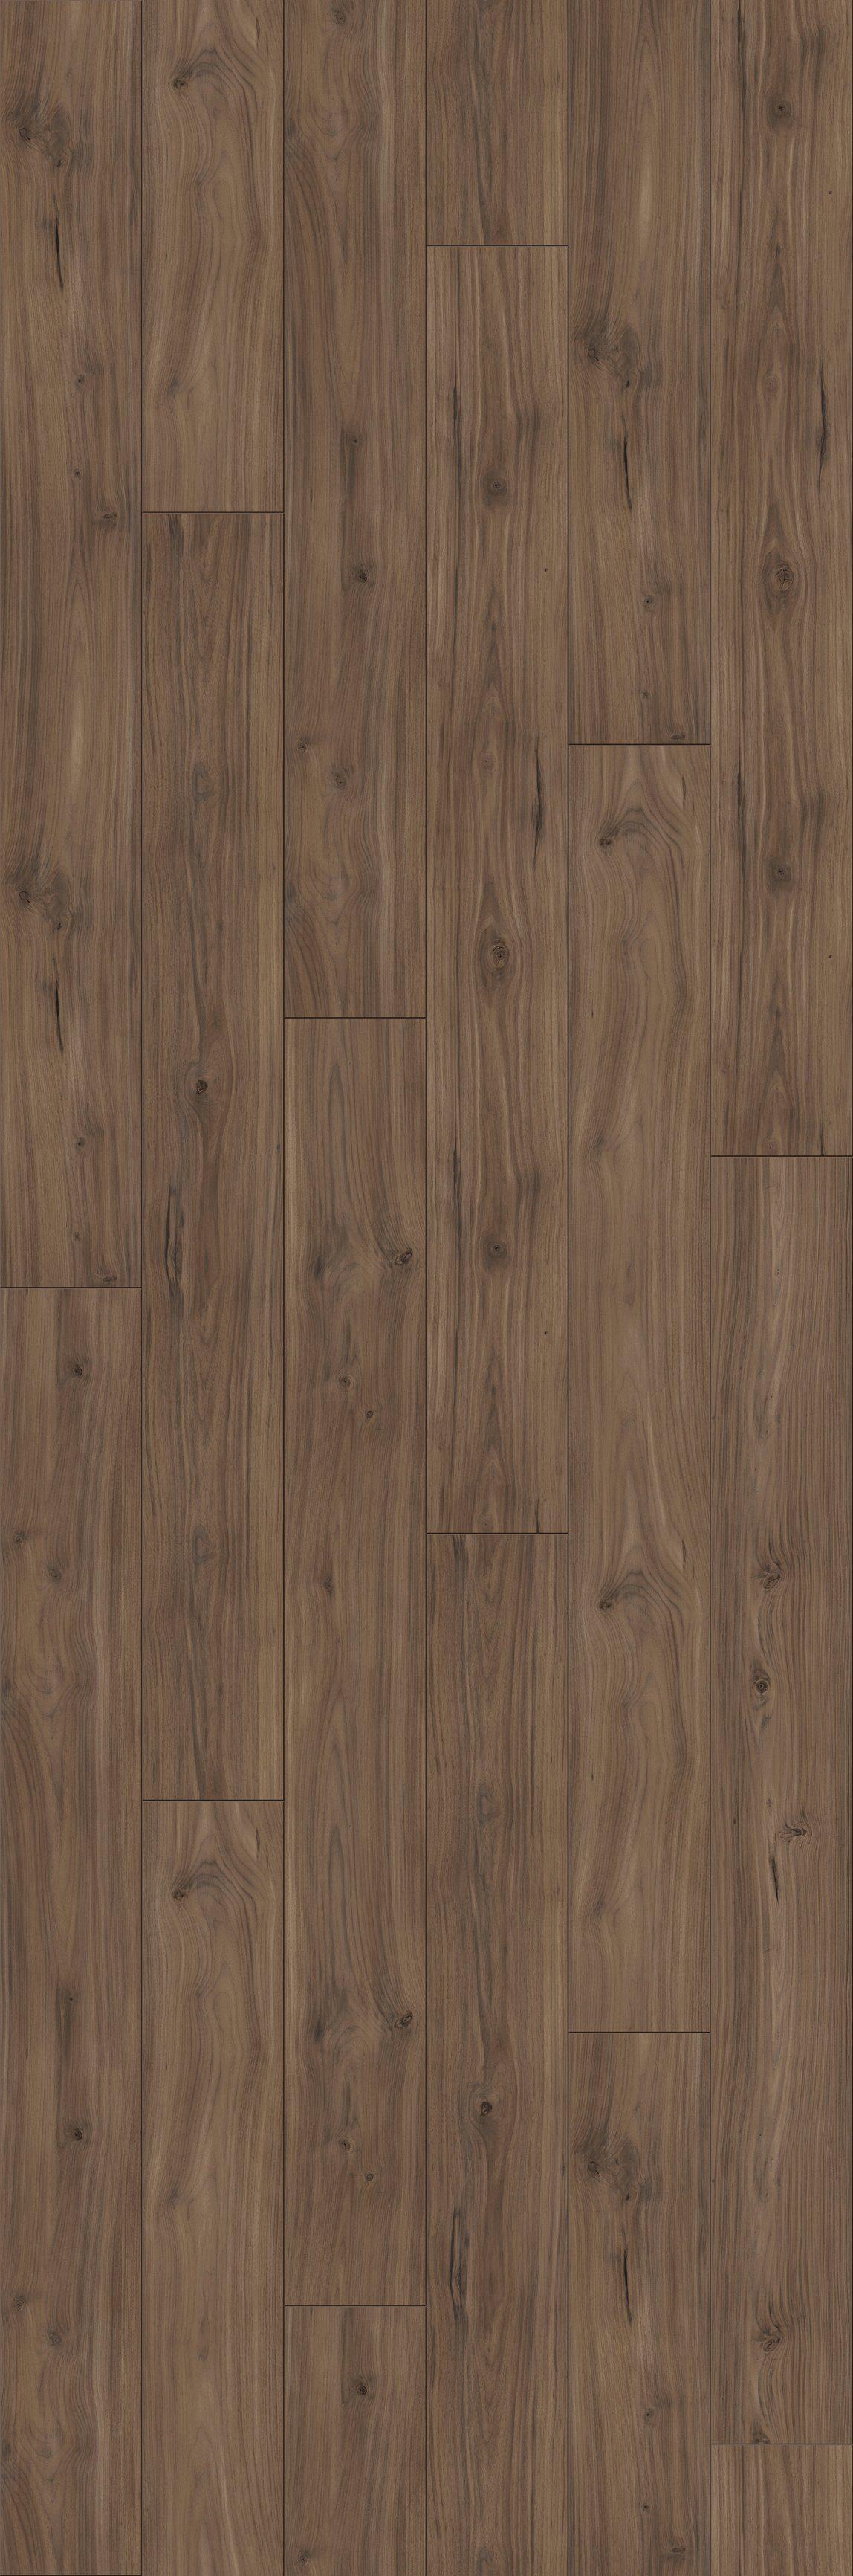 PARADOR Laminat »Trendtime 6 - Nussbaum Galant«, 2200 x 243 mm, Stärke: 9 mm